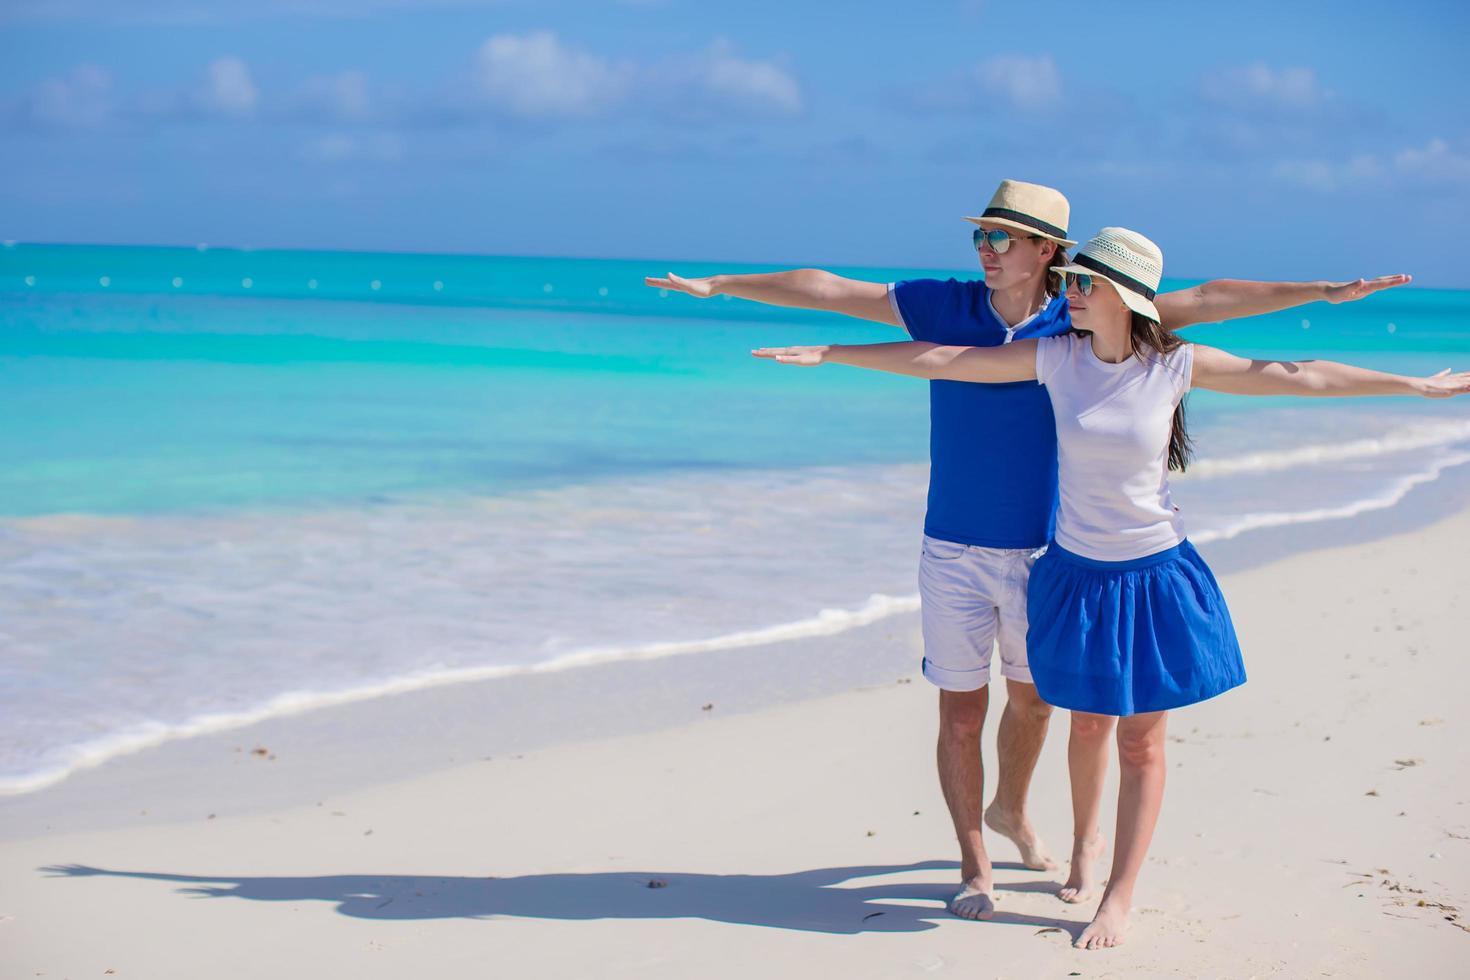 coppia che si diverte in spiaggia foto